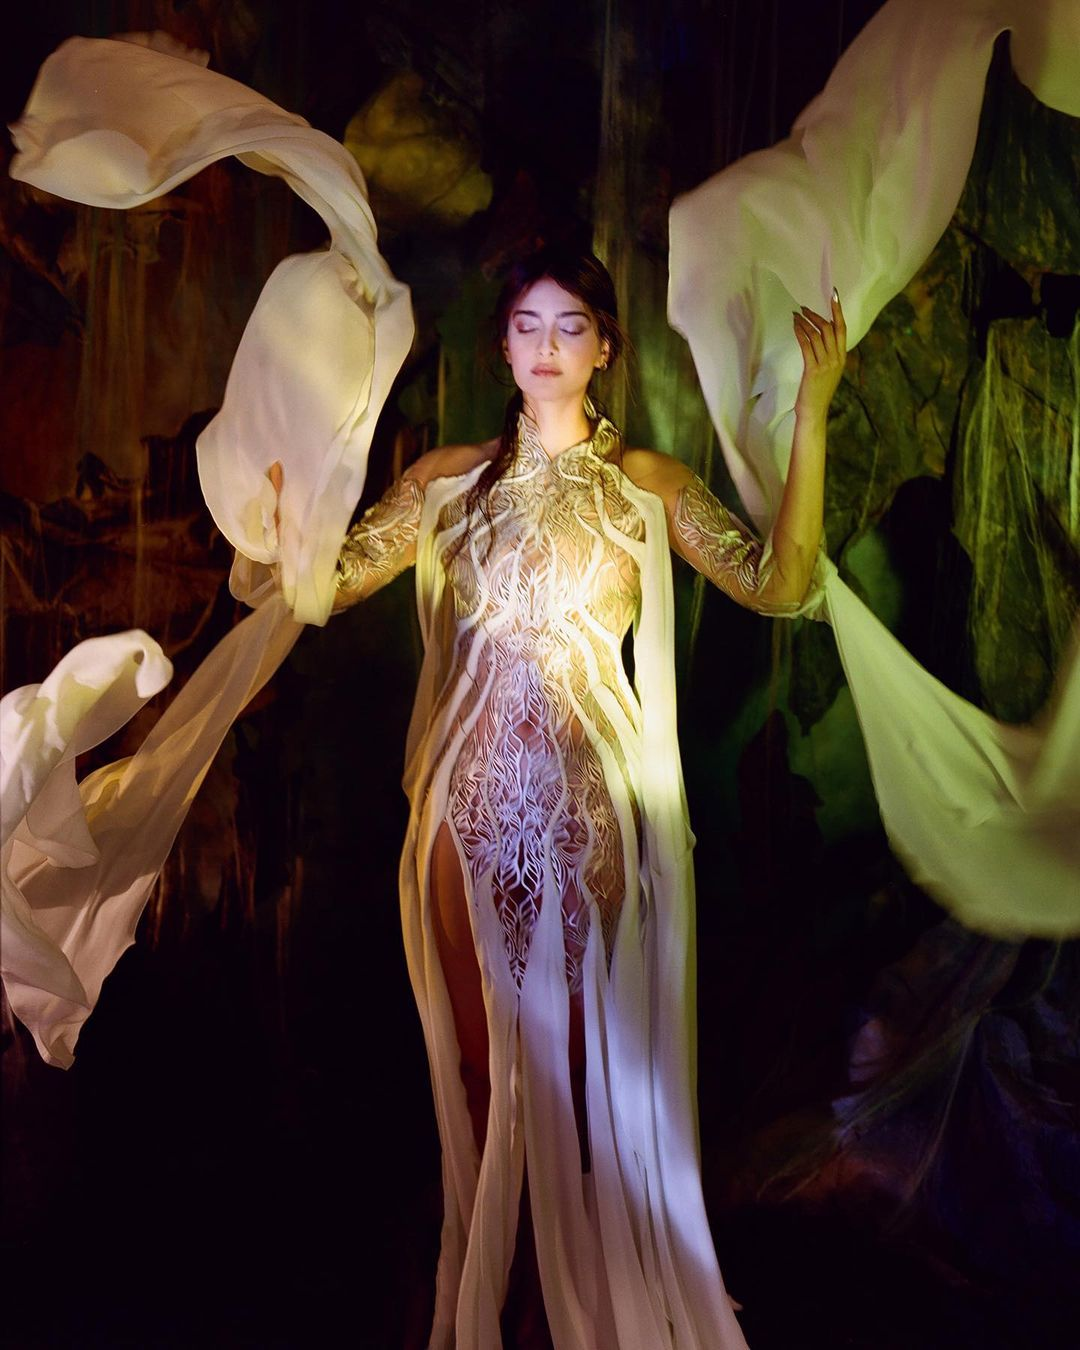 Mẻmaidcore: Phong cách nàng tiên cá đang gây bão trong làng thời trang - hình ảnh 5